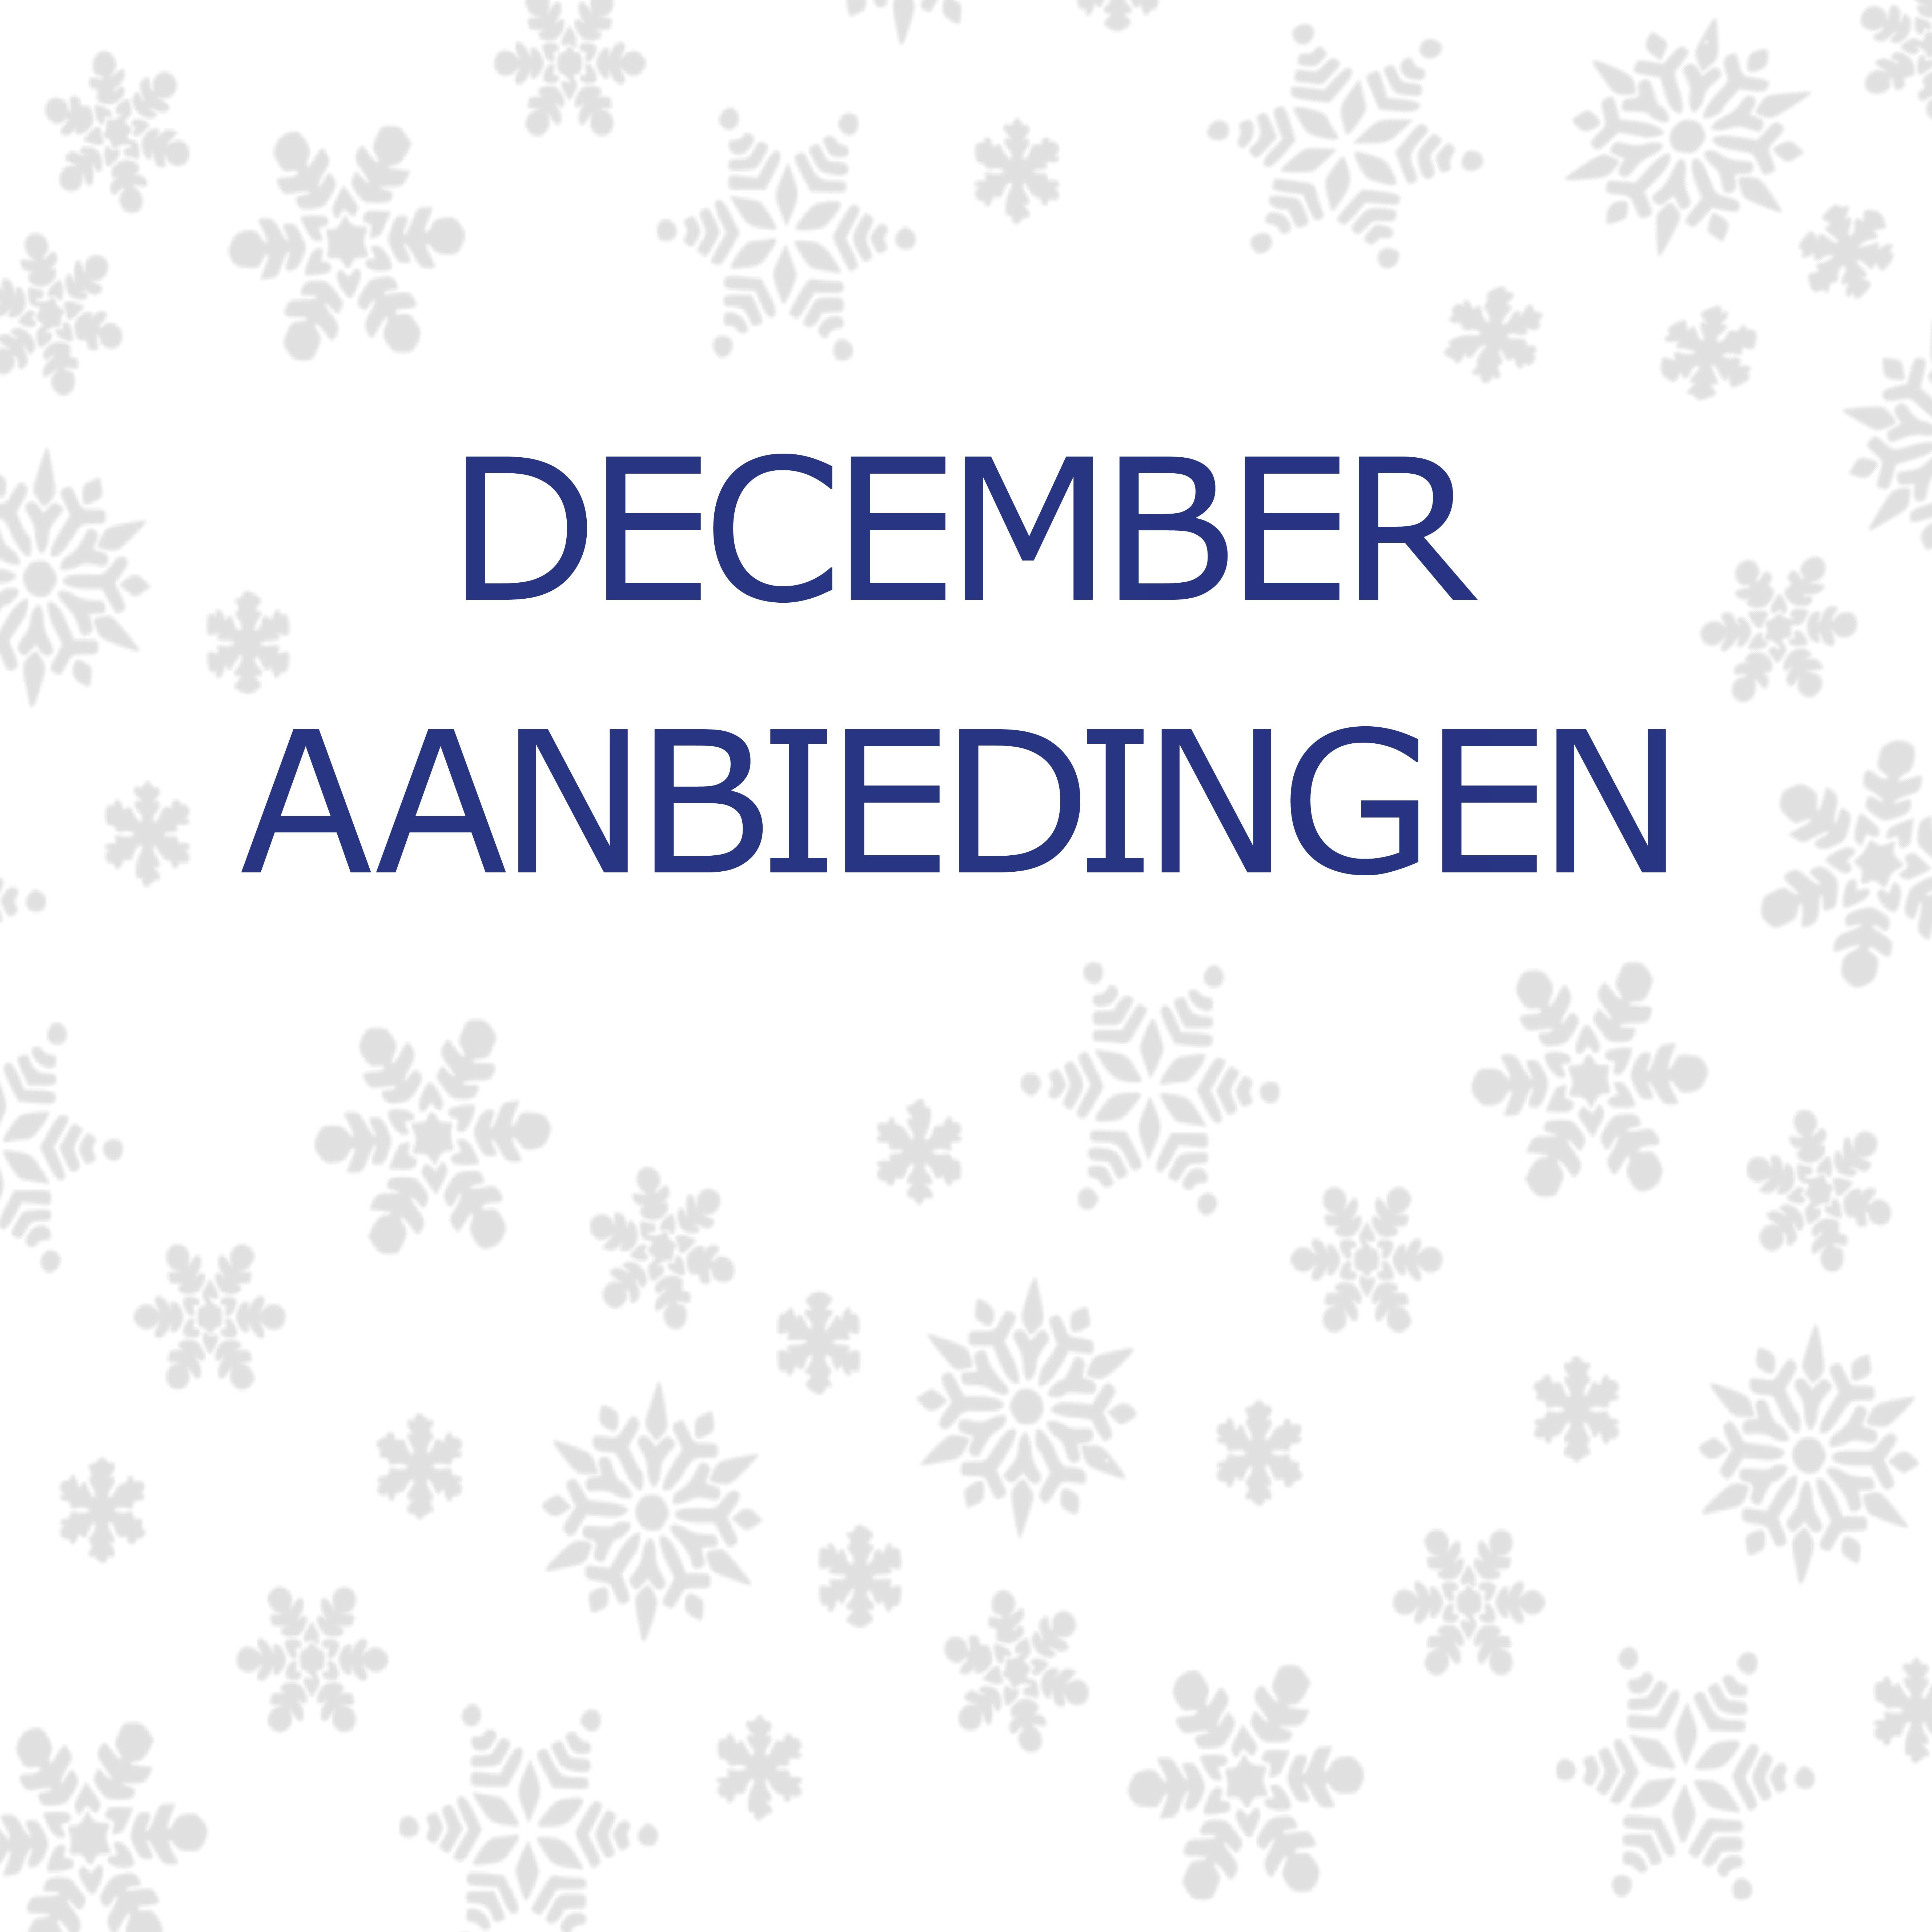 AANBIEDINGEN DECEMBER 2018